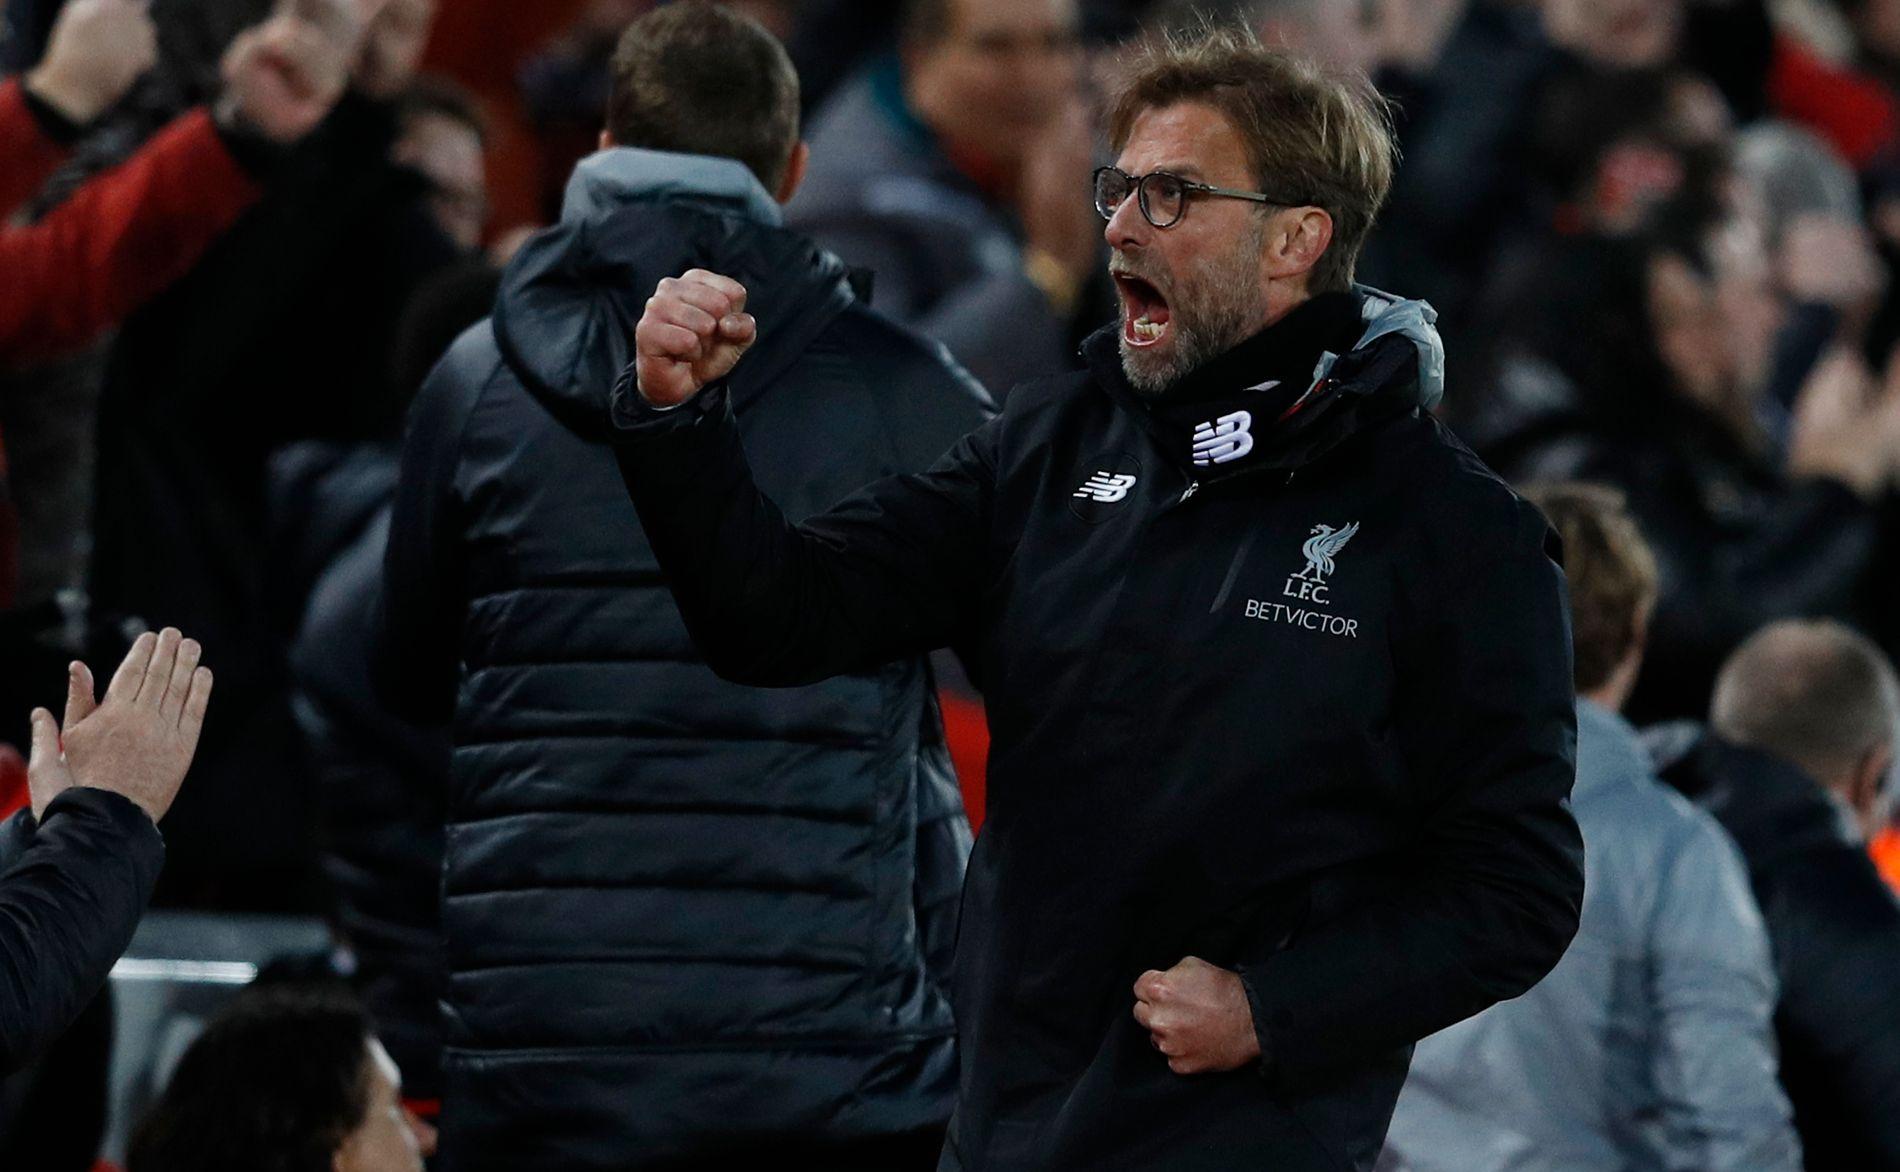 SÅ GLAD: Jürgen Klopp jubler etter Liverpools 2-0-scoring mot Arsenal på Anfield